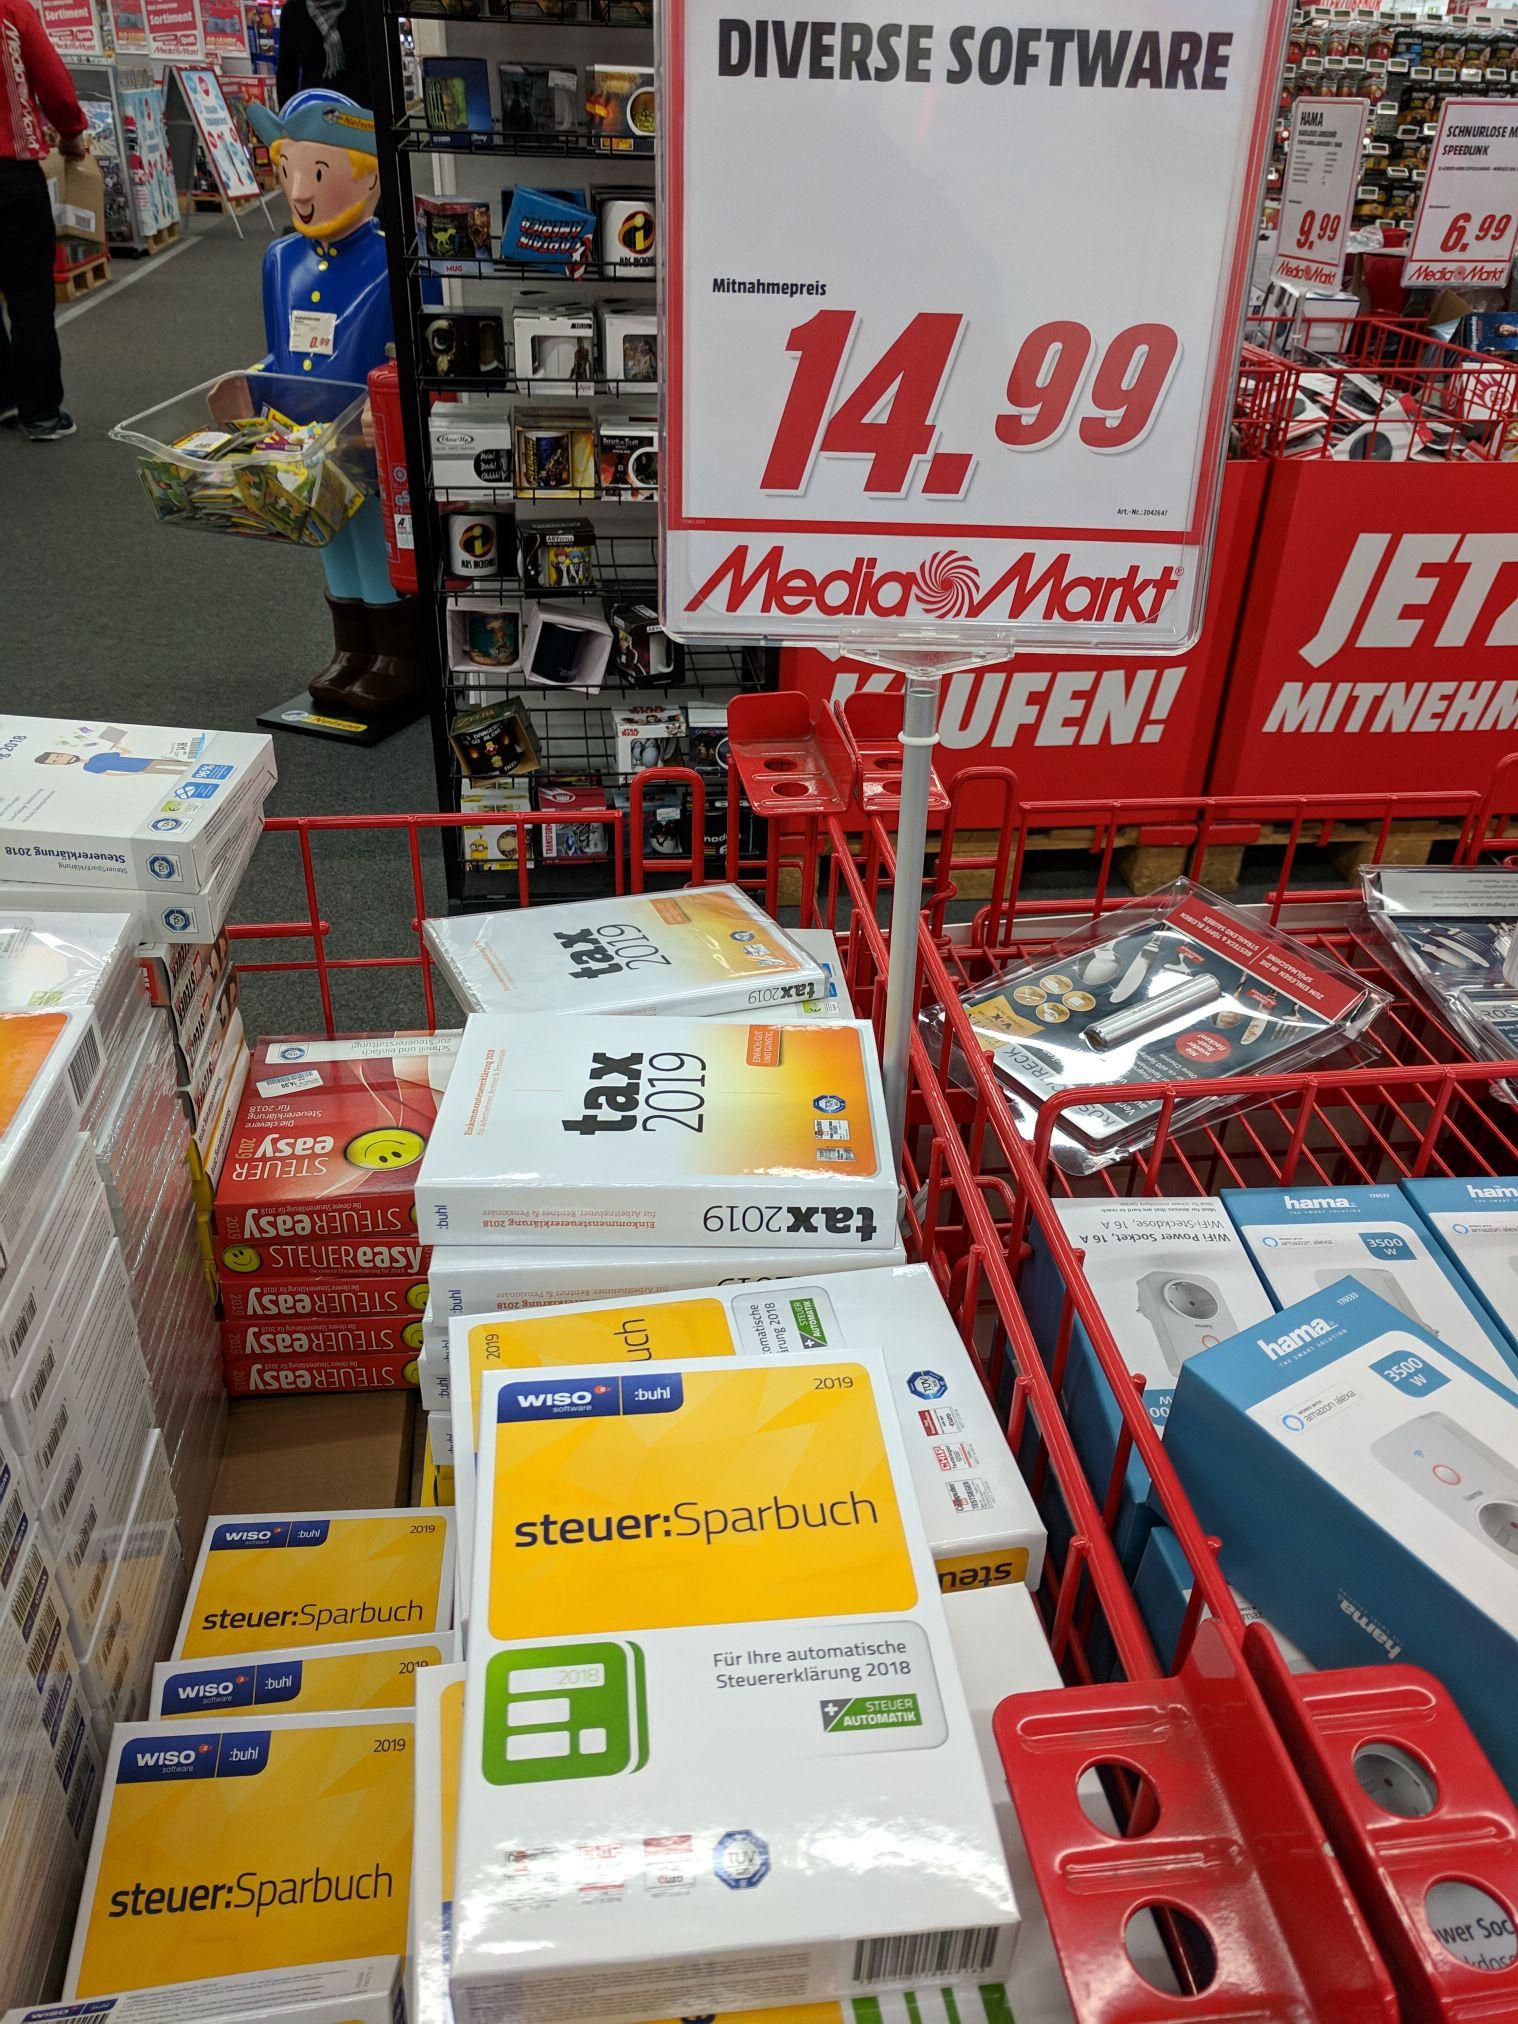 [lokal Mediamarkt Mönchengladbach] Wiso Steuer: Sparbuch